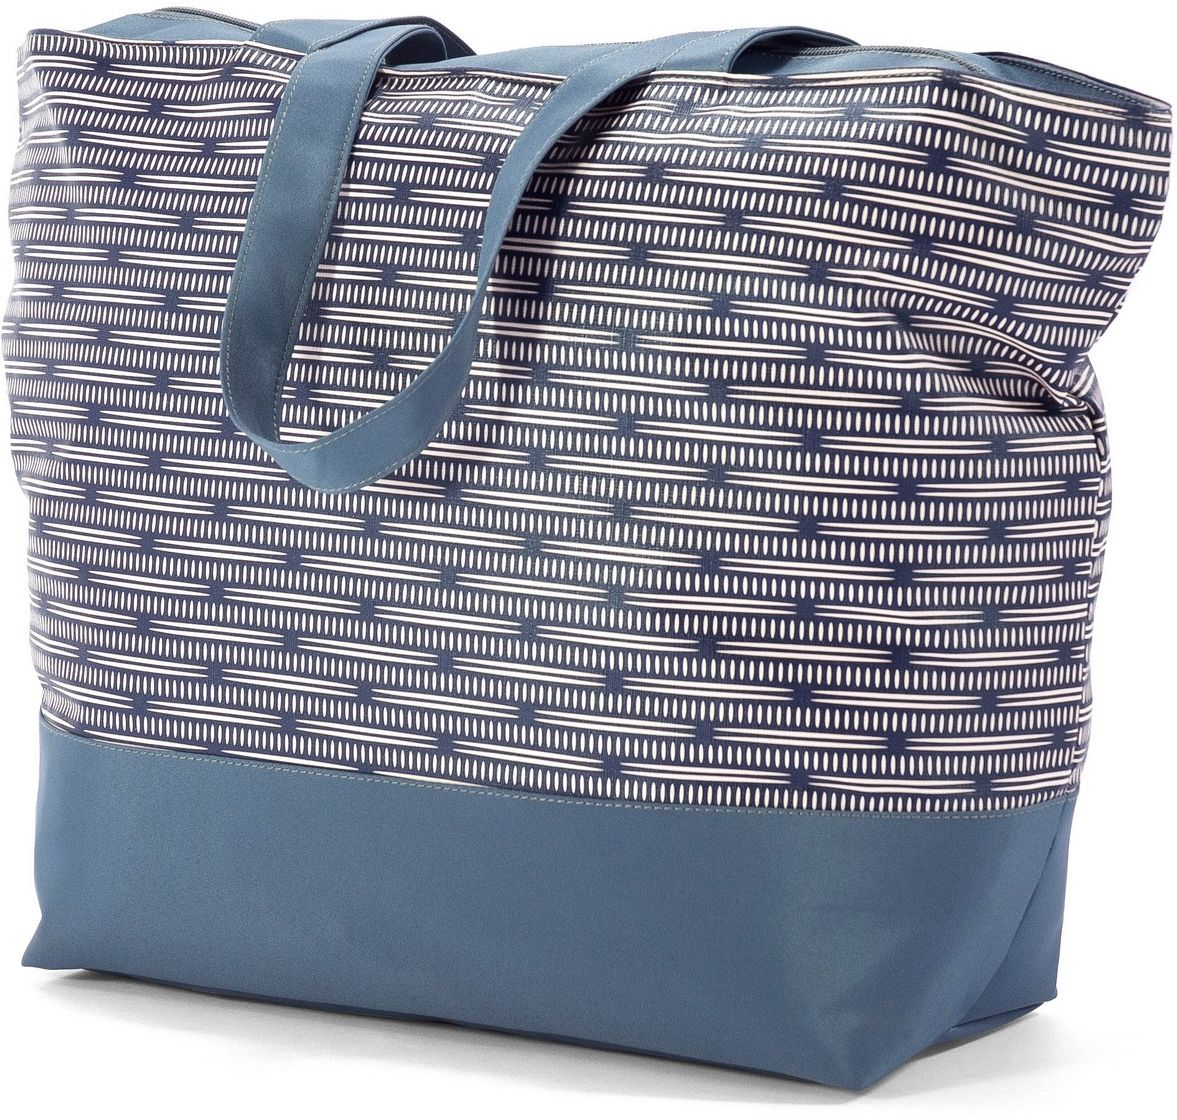 Τσάντα Θαλάσσης Benzi BZ5003 Μπλε/Άσπρο γυναίκα   τσάντες παραλίας